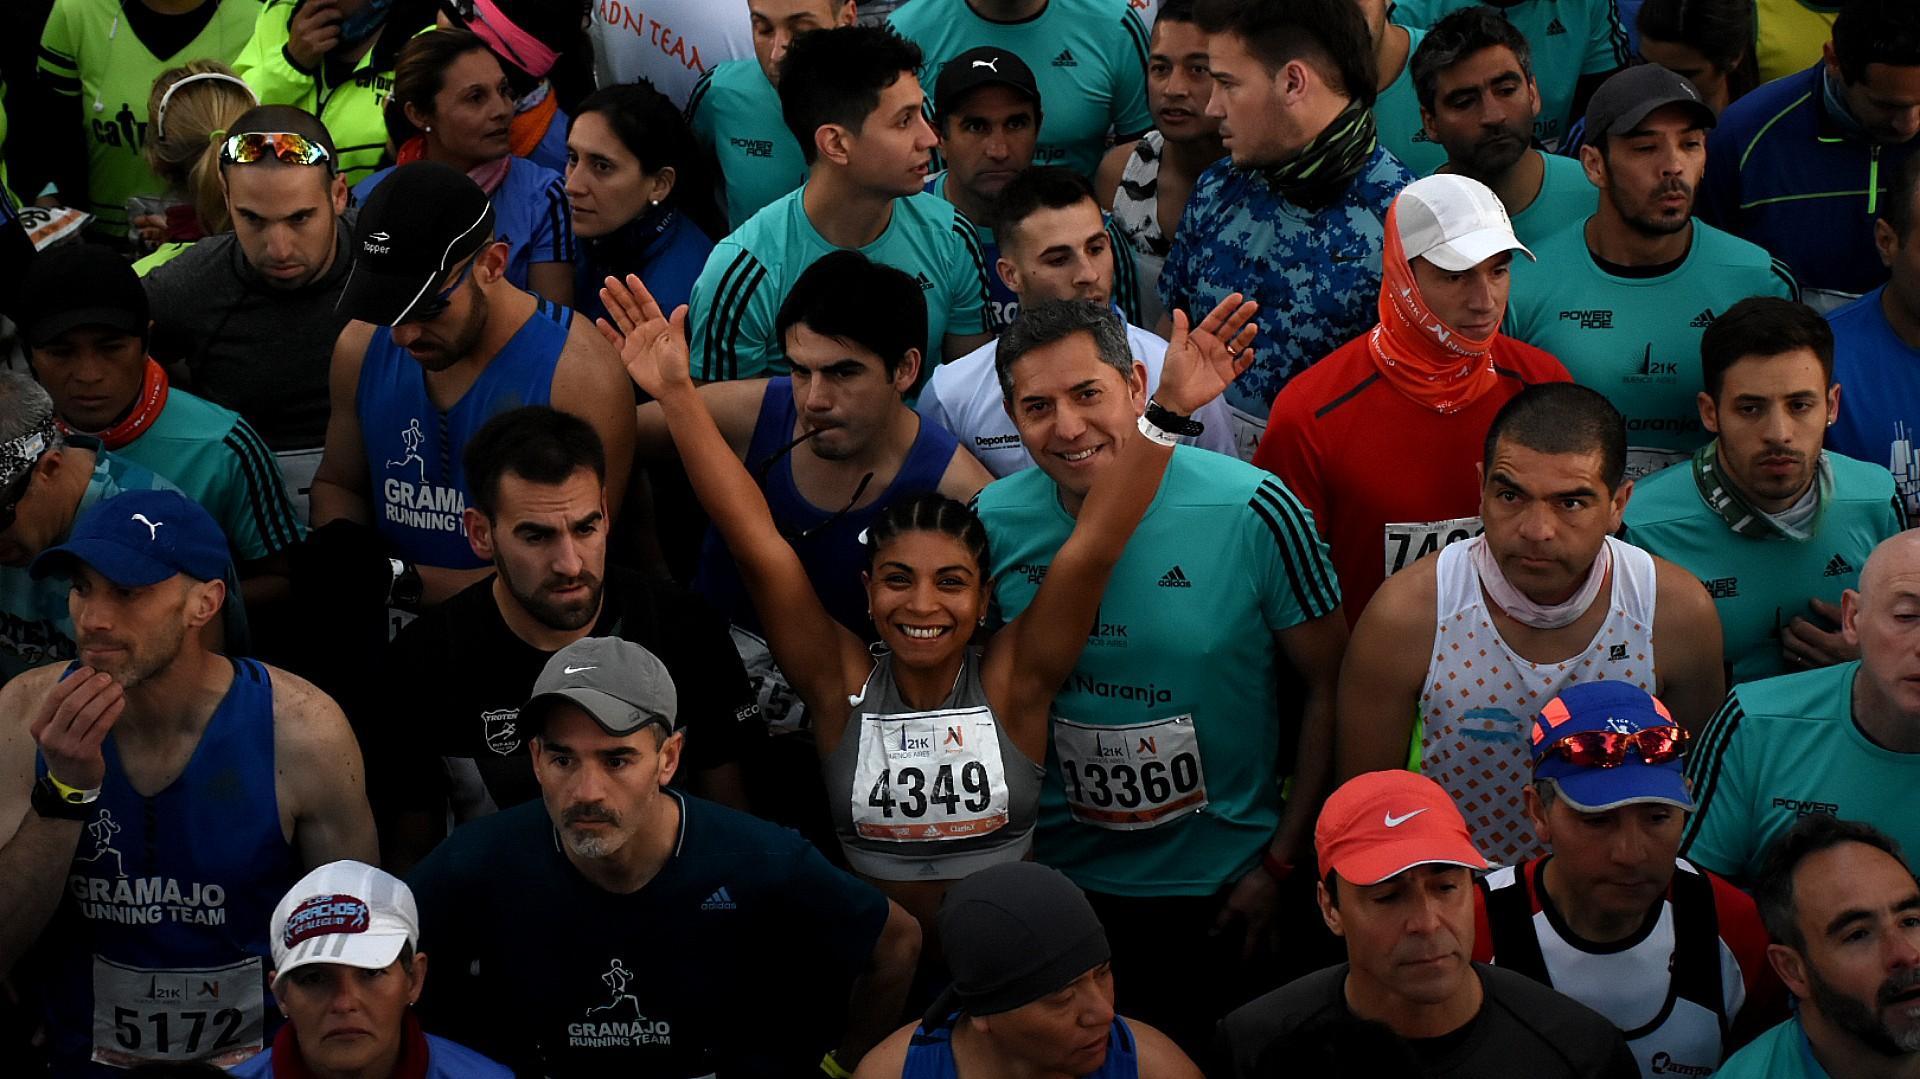 Antes de la largada, los corredores posan para las fotos, se hacen nuevos amigos y se preparan para un evento deportivo que requerirá de un gran rendimiento físico